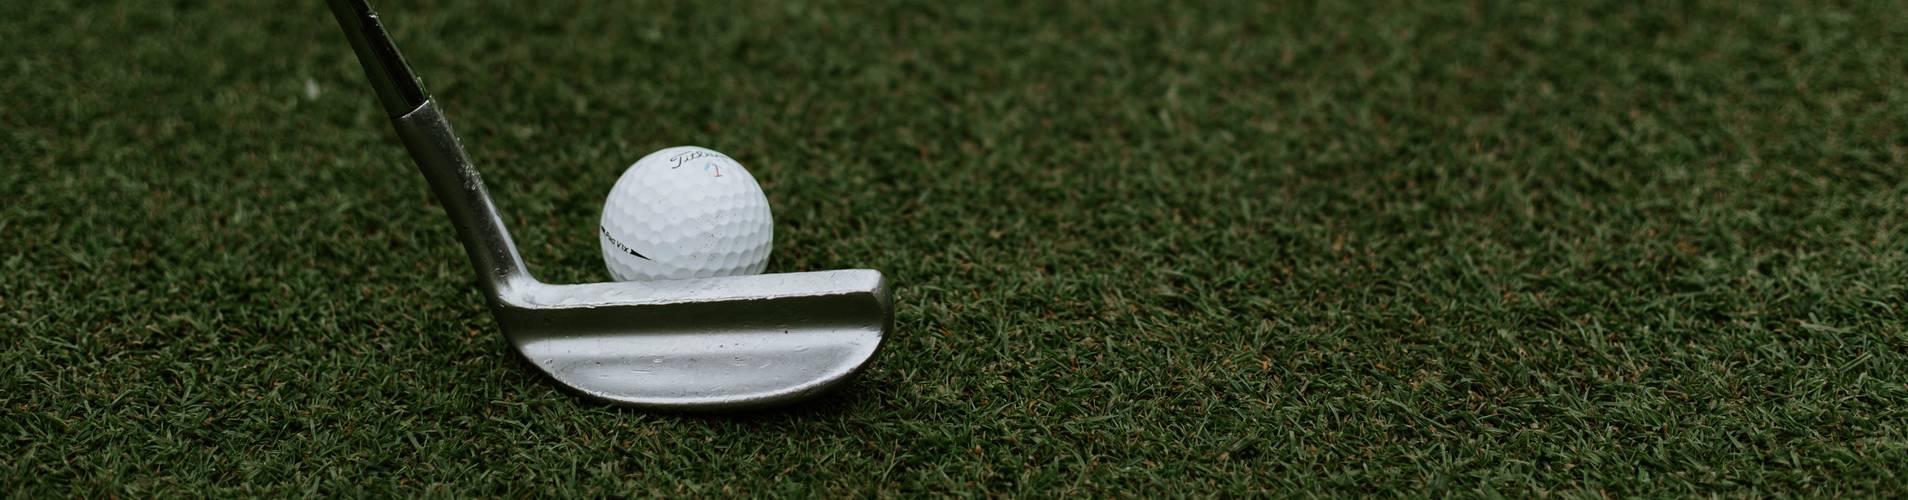 putter next to golf ball